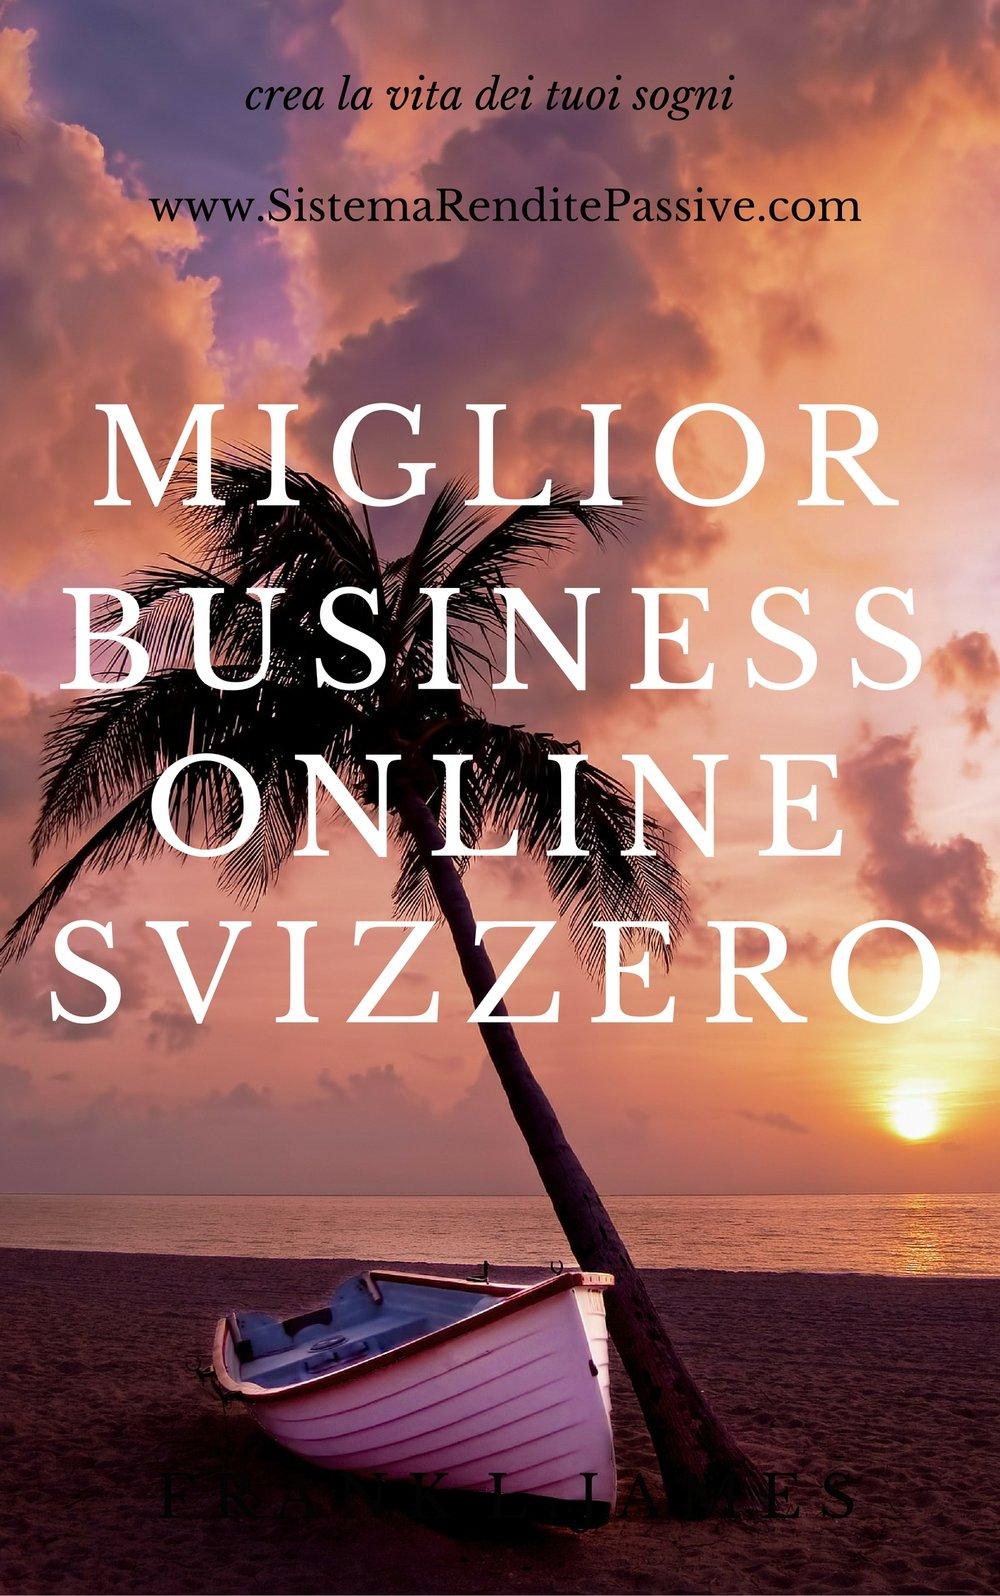 miglior business online svizzero.jpg